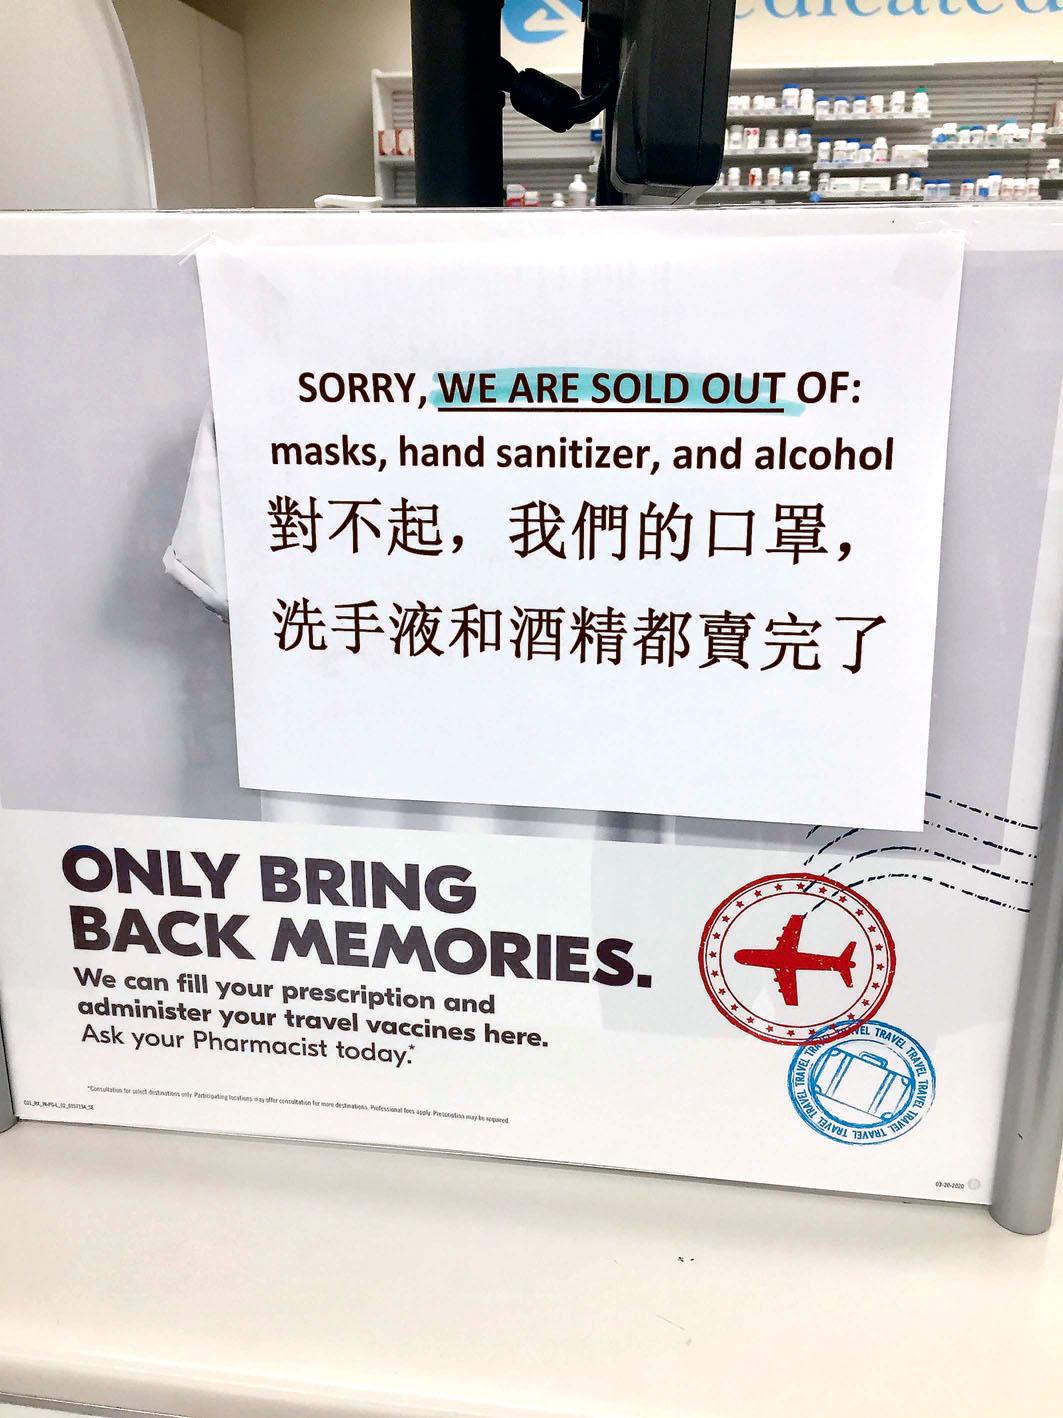 多市華人團體籌款 購醫療物資運武漢 | 多倫多 | 加拿大中文新聞網 - 加拿大星島日報 Canada Chinese News